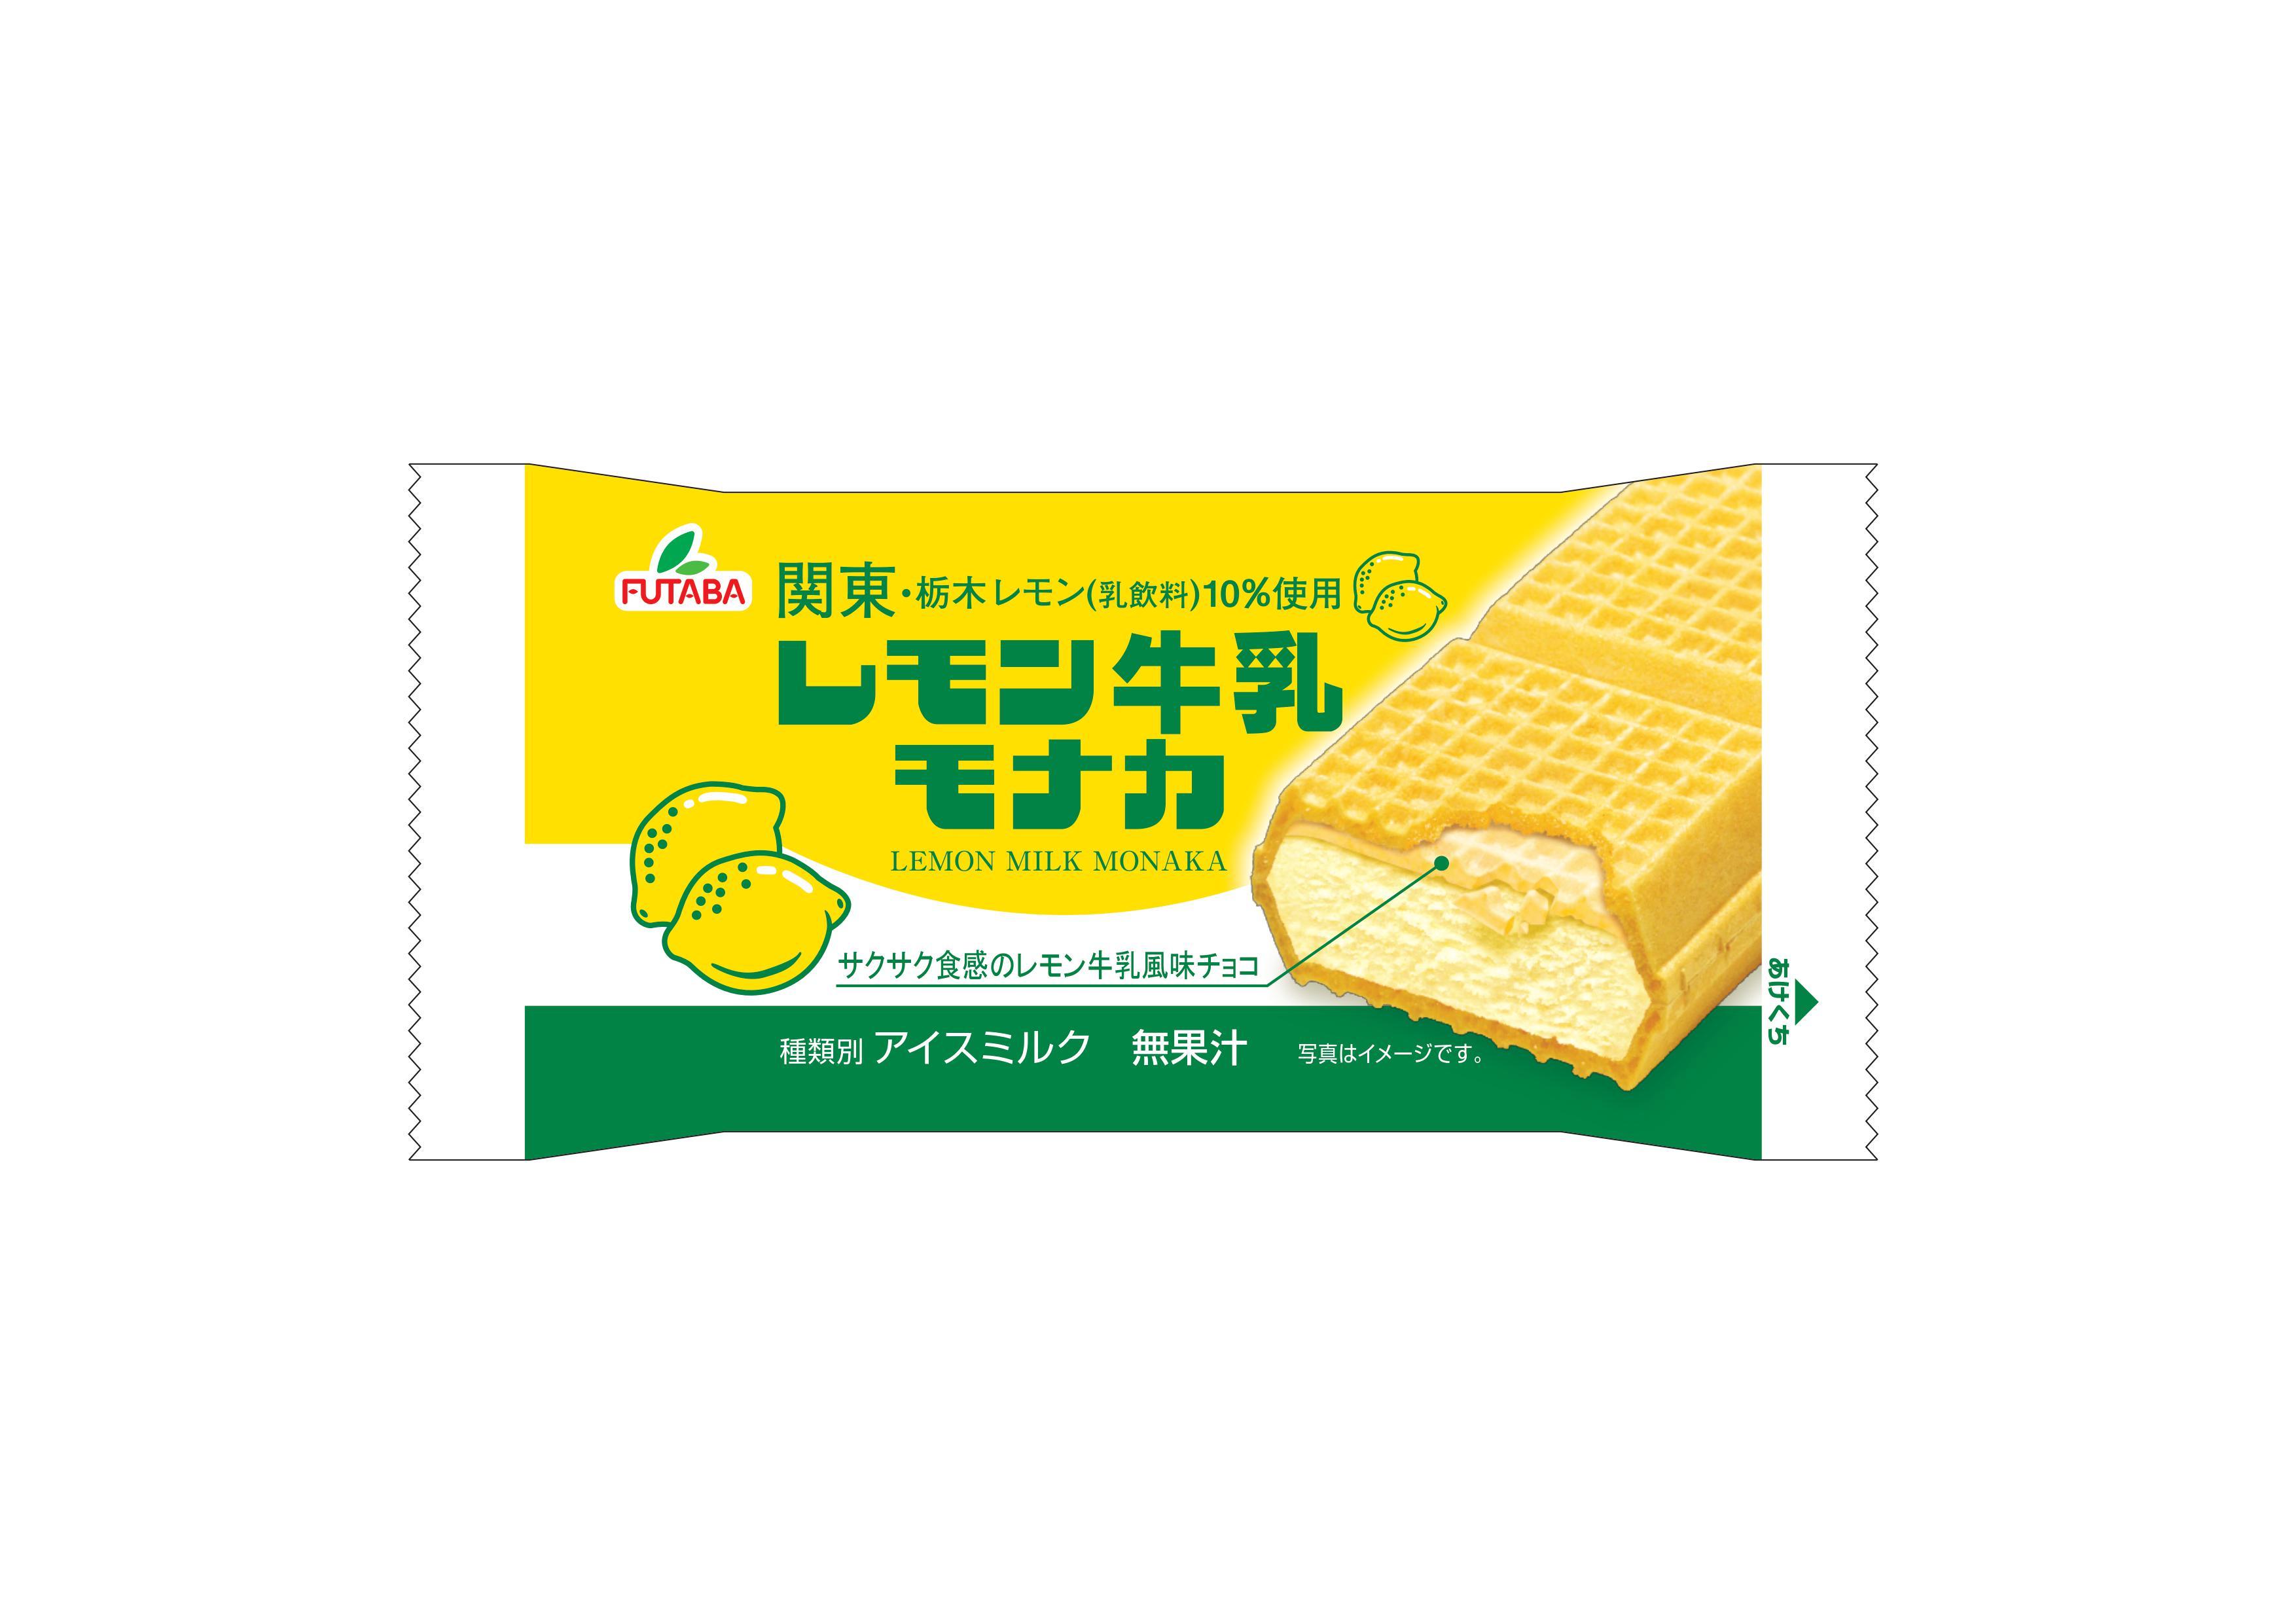 レモン牛乳モナカパッケージ